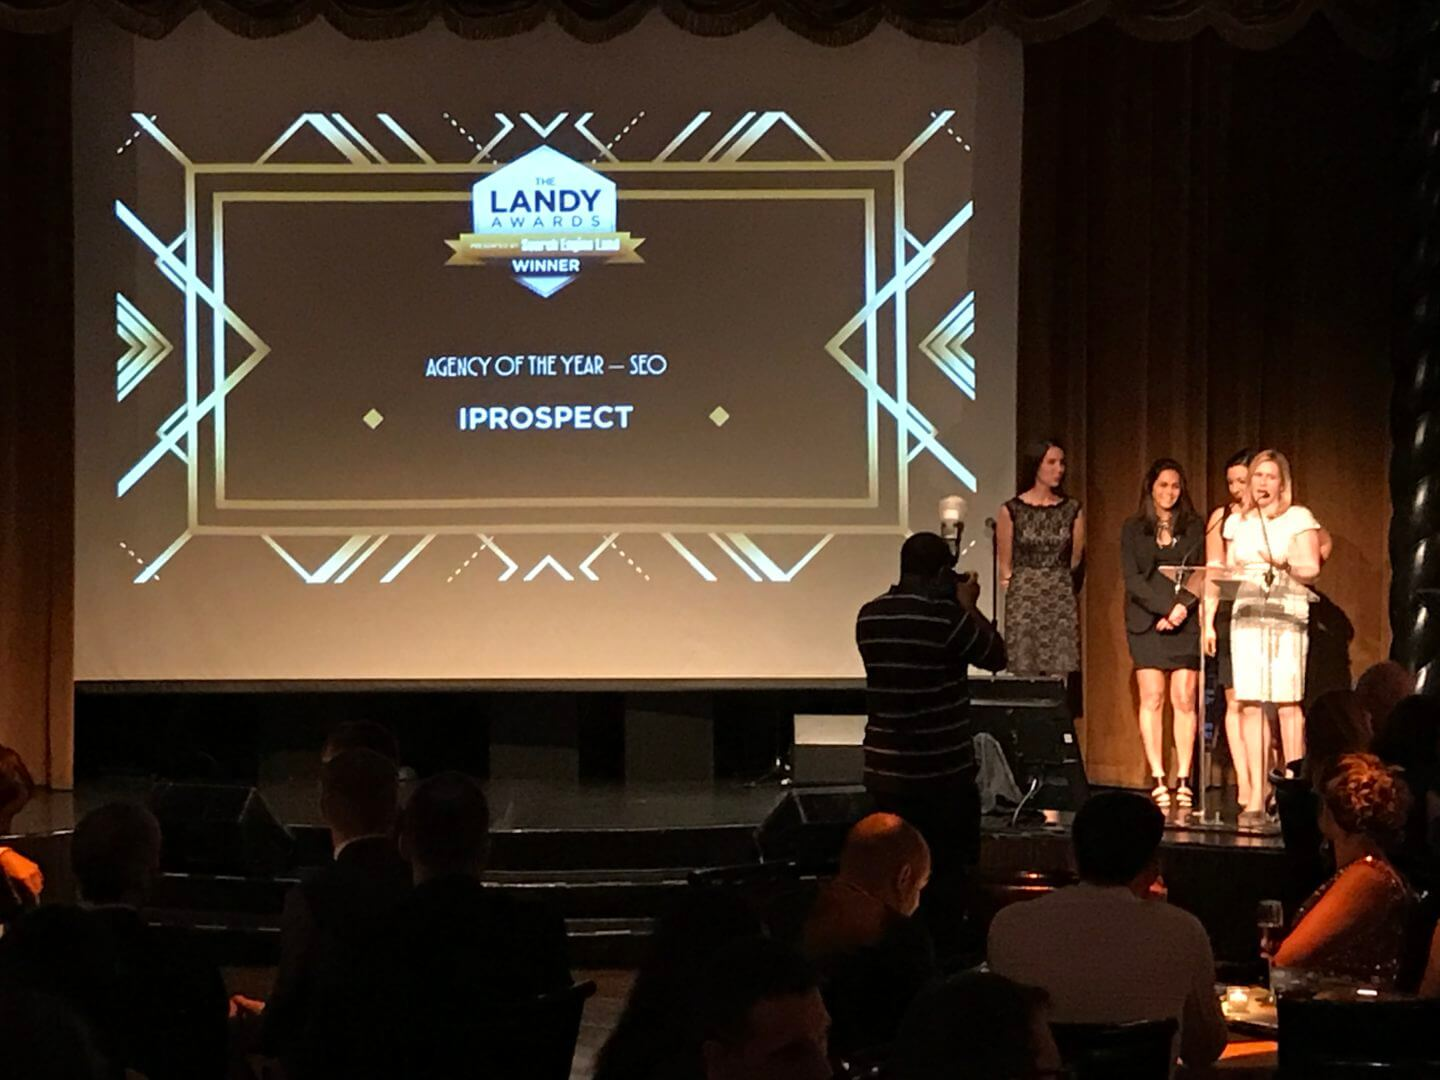 iprospect-2016-landy-awards